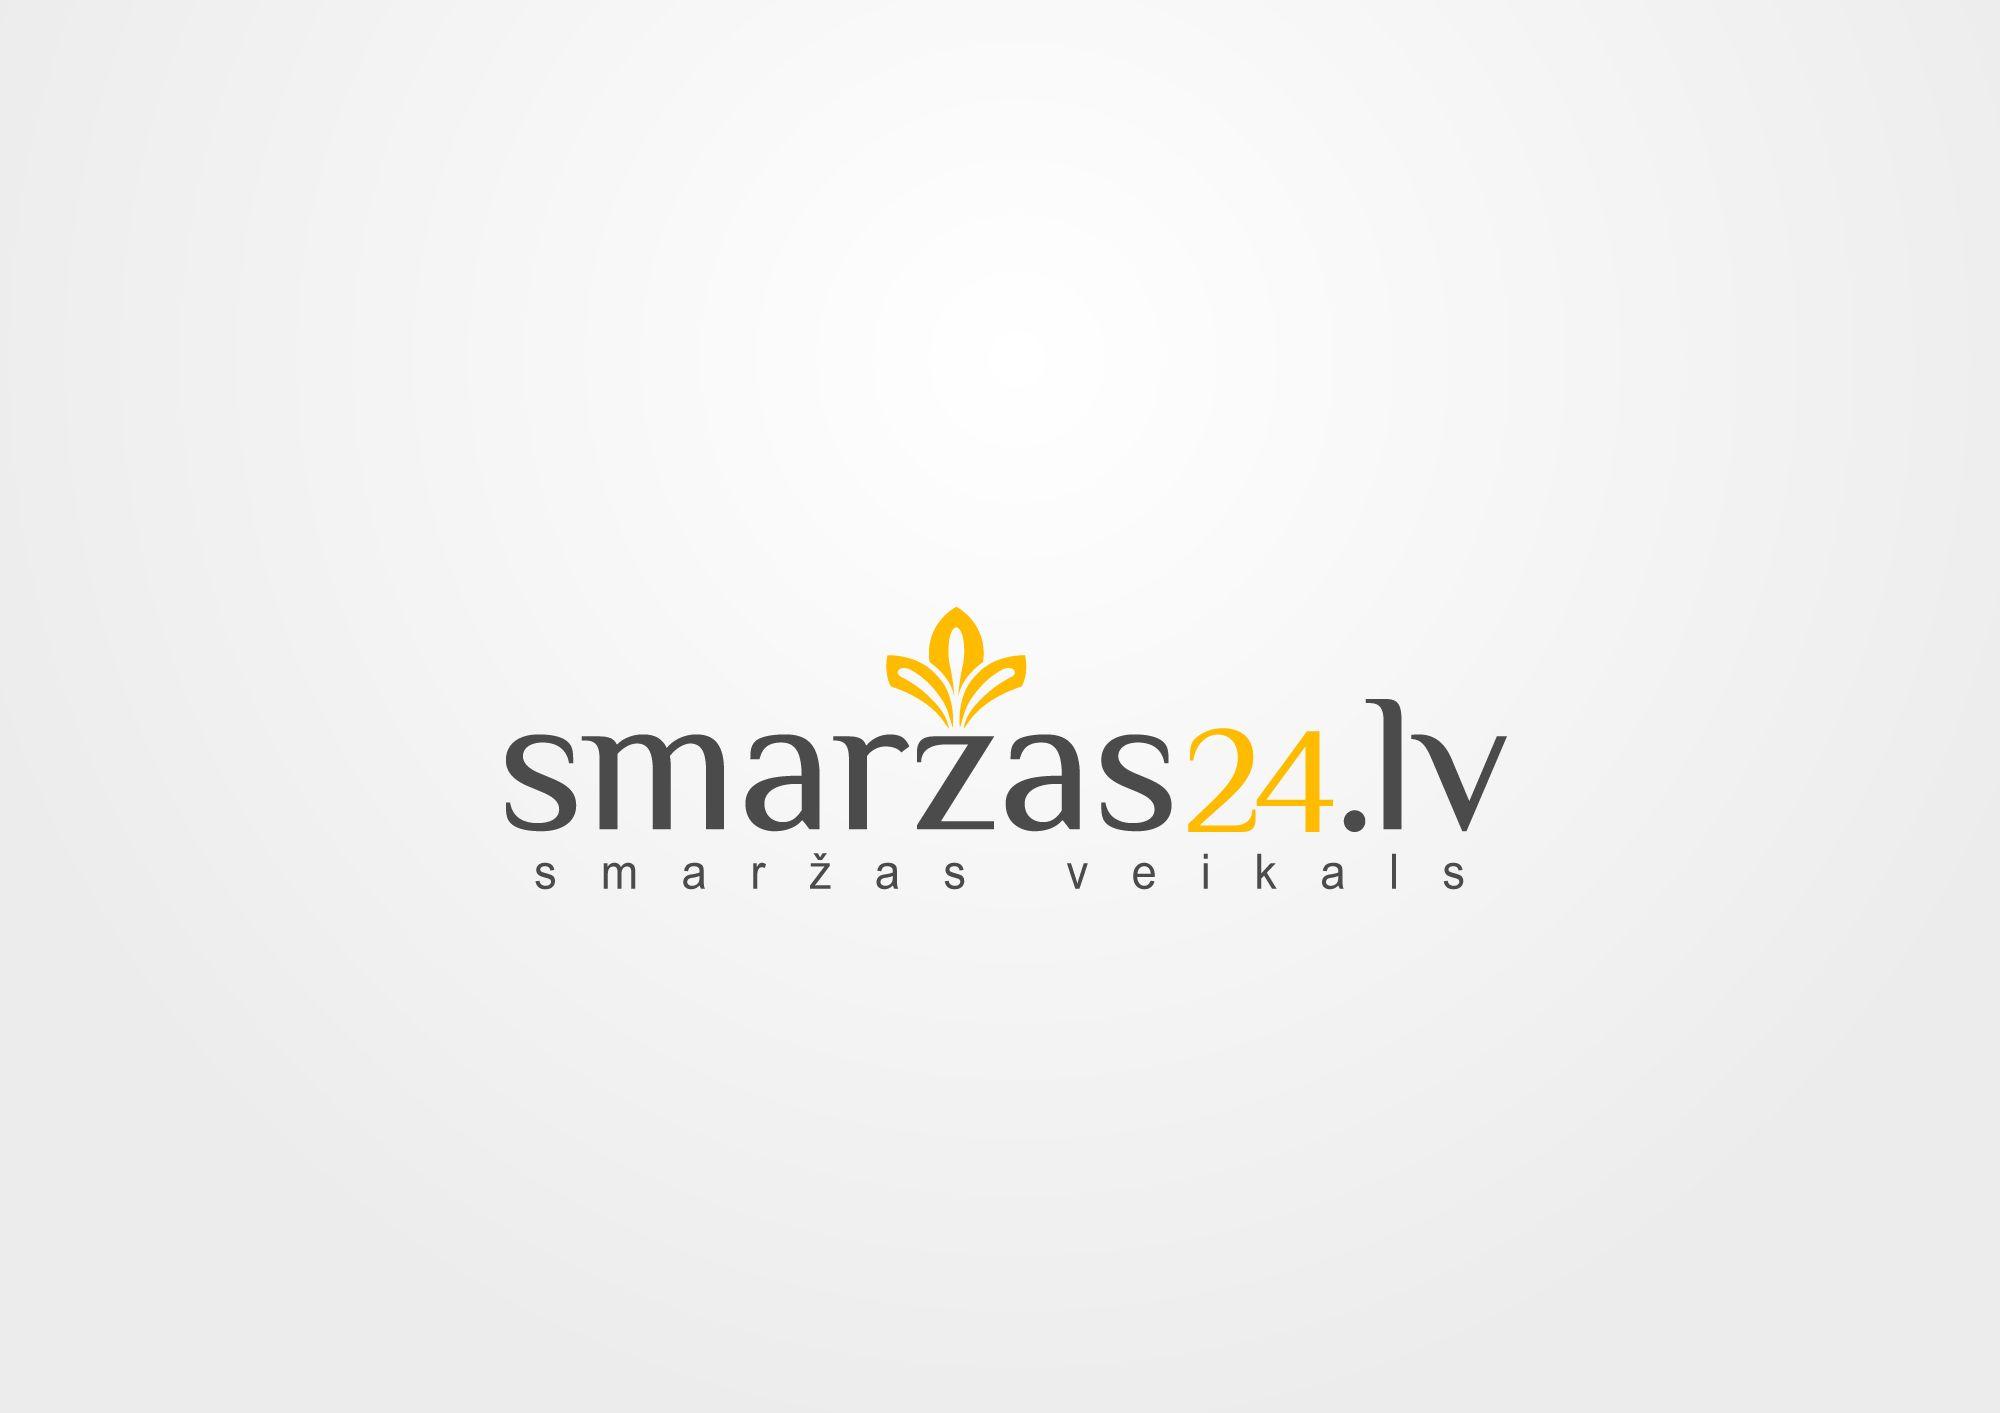 Логотип для smarzas24.lv - дизайнер Alphir